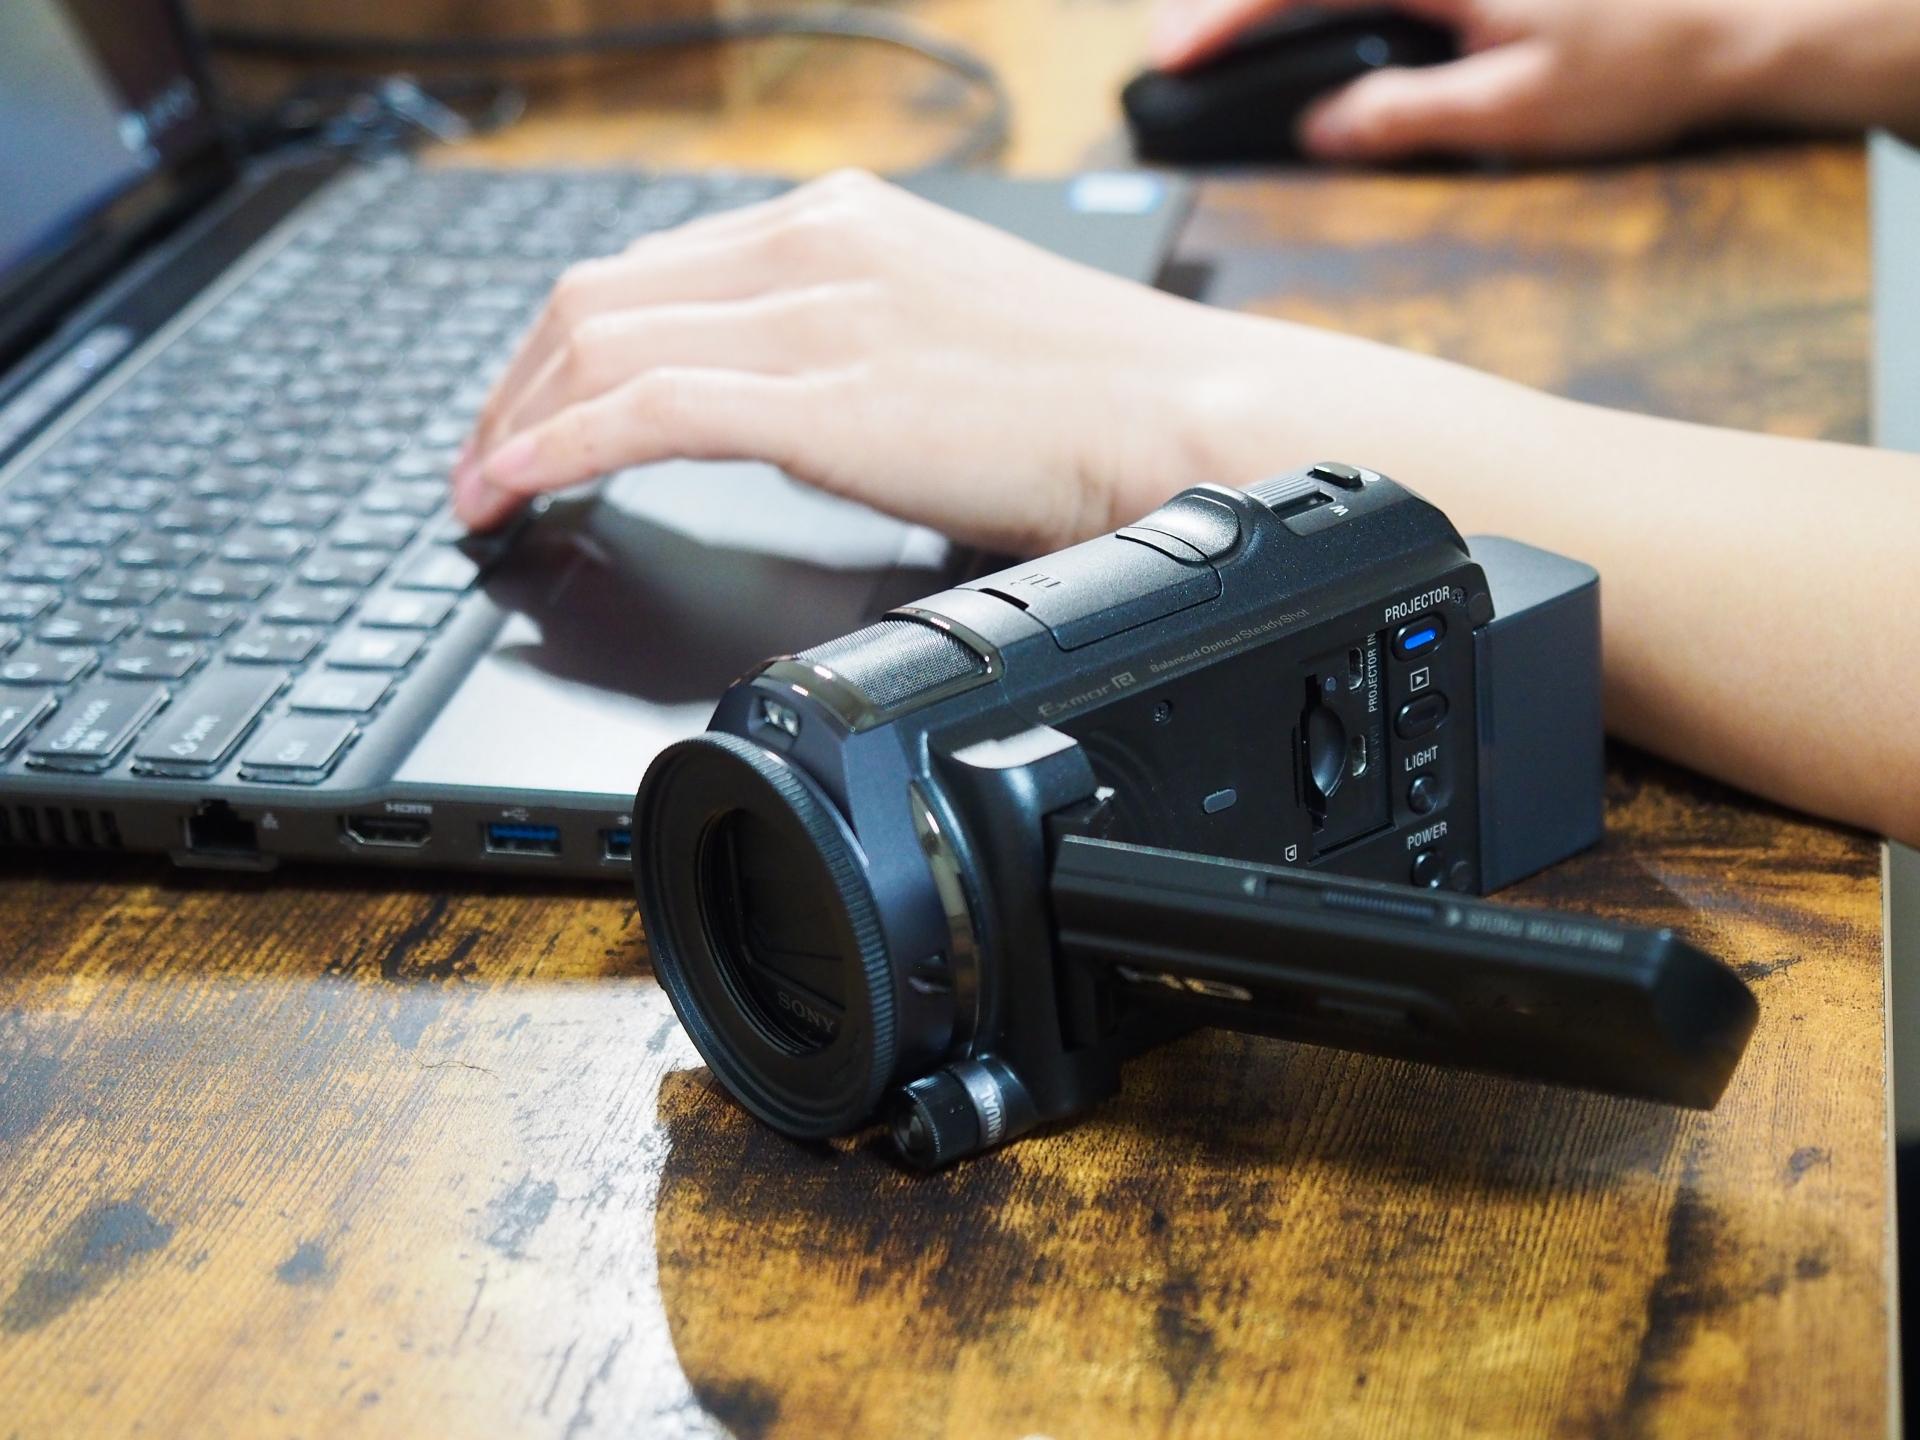 机の上に撮影用のビデオカメラを置いている写真